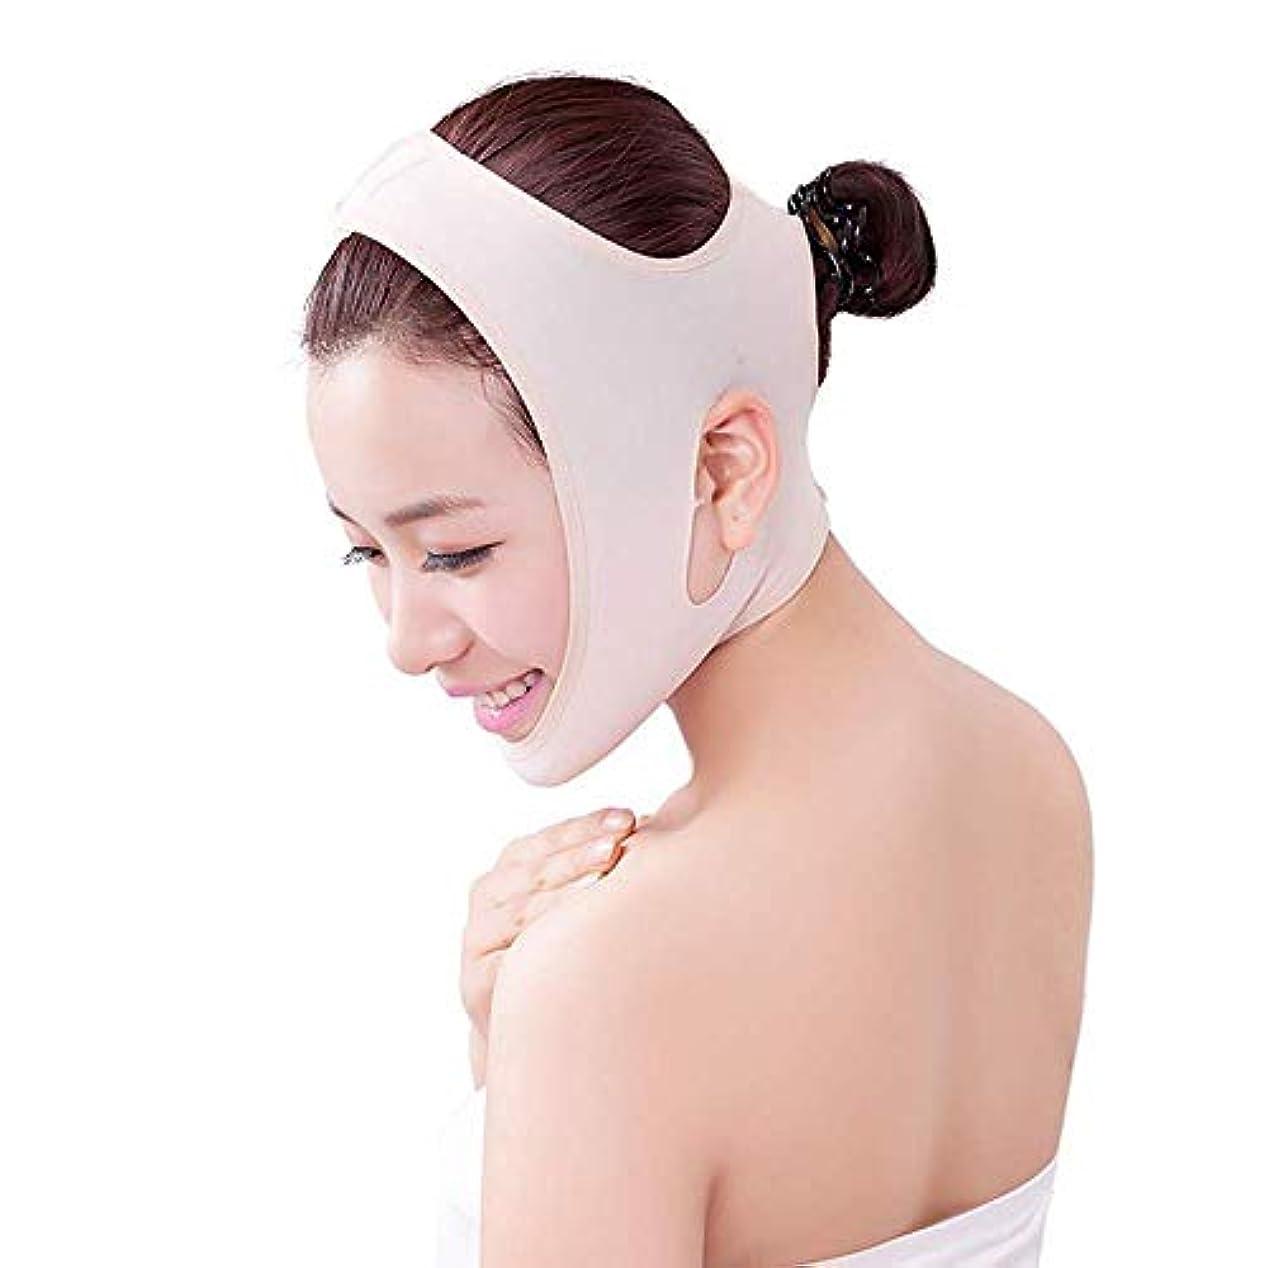 風アセ生産的薄型フェイスベルト - 男性用および女性用の包帯をフランスの顔用リフティングマスク器具に引き締める薄型フェイスVフェイス薄型ダブルチンフェイスリフティングベルト(サイズ:M),XS